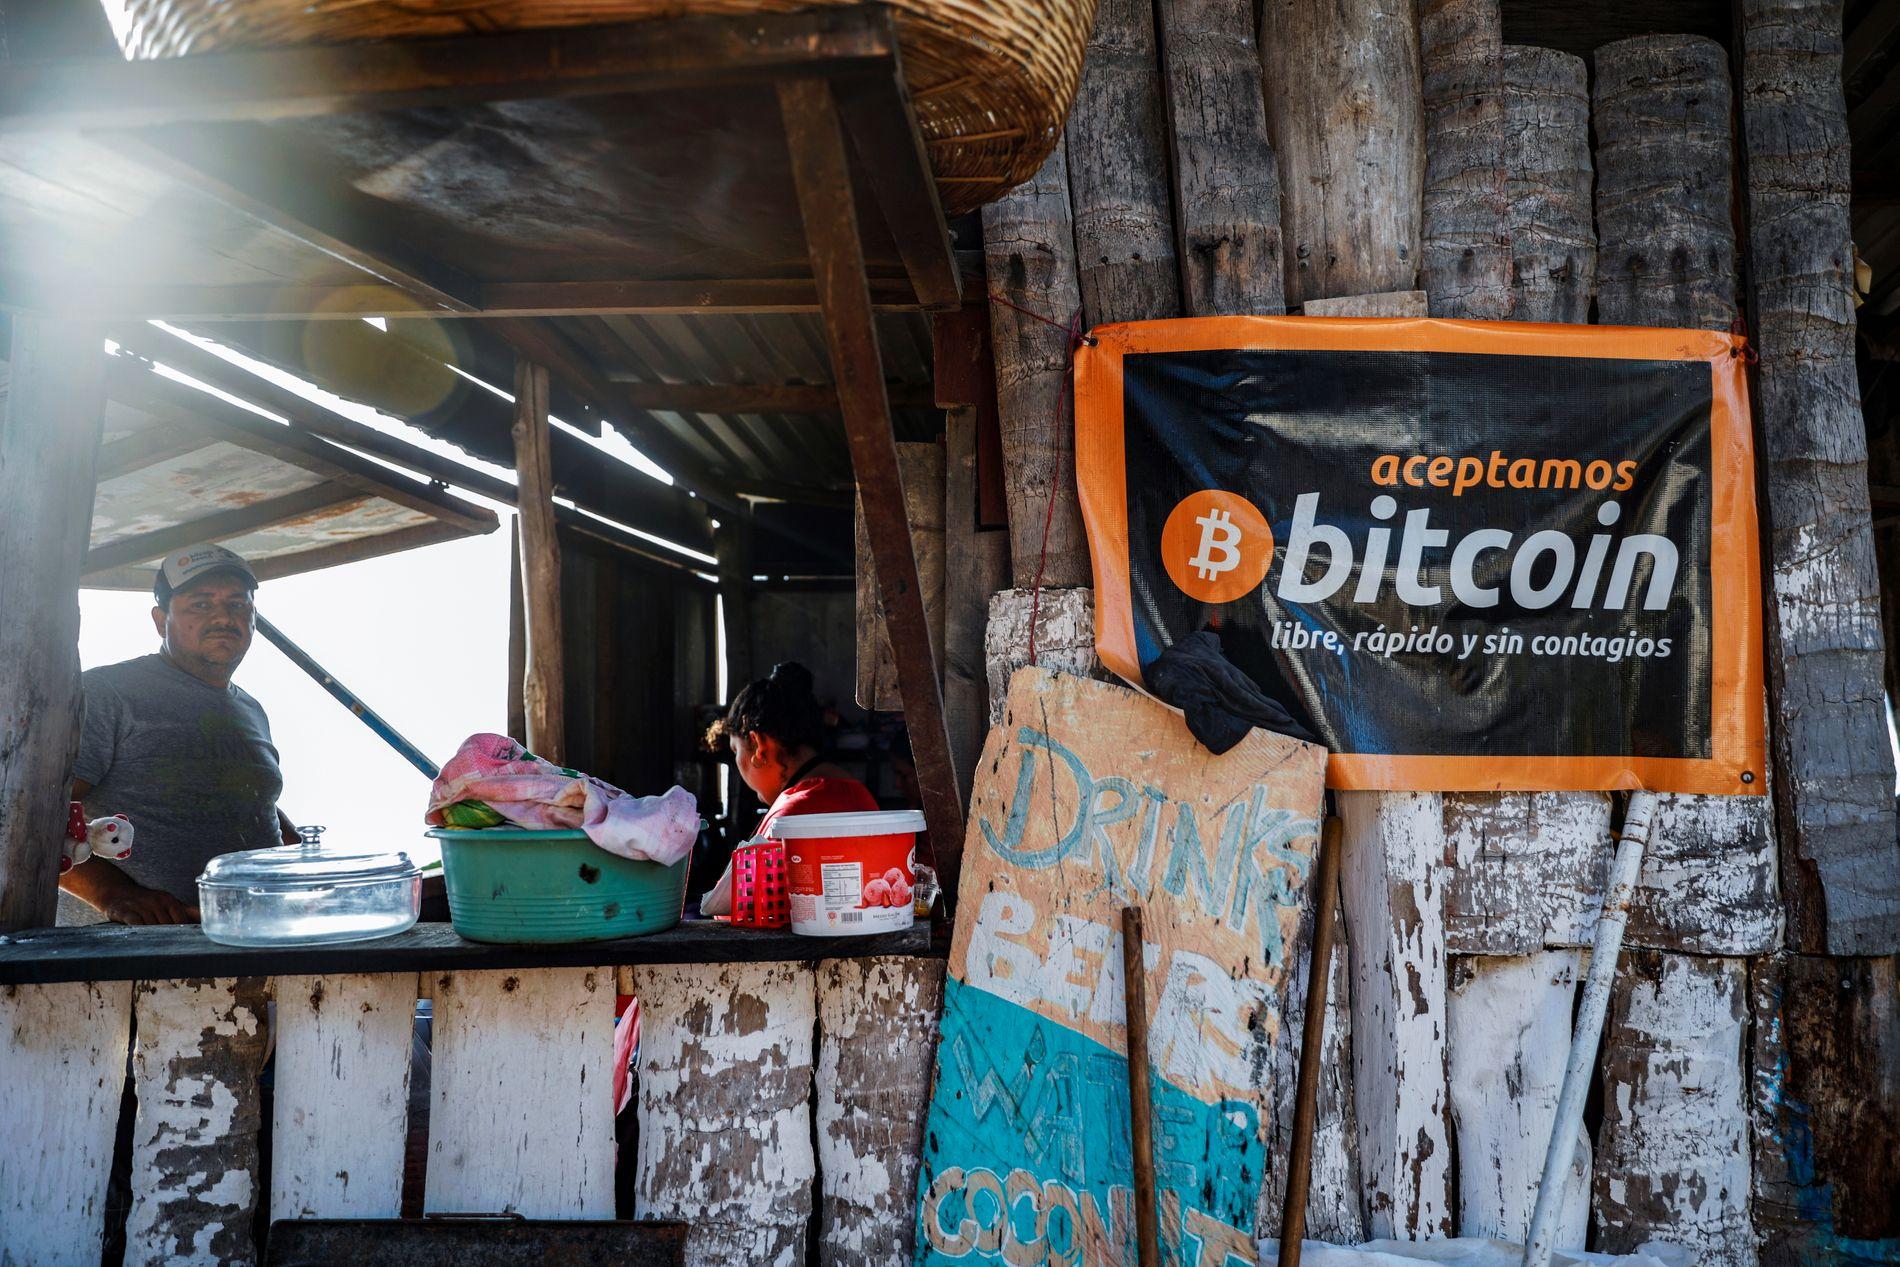 Le criptovalute esultano dopo il pugno di Bitcoin in El Salvador – E24